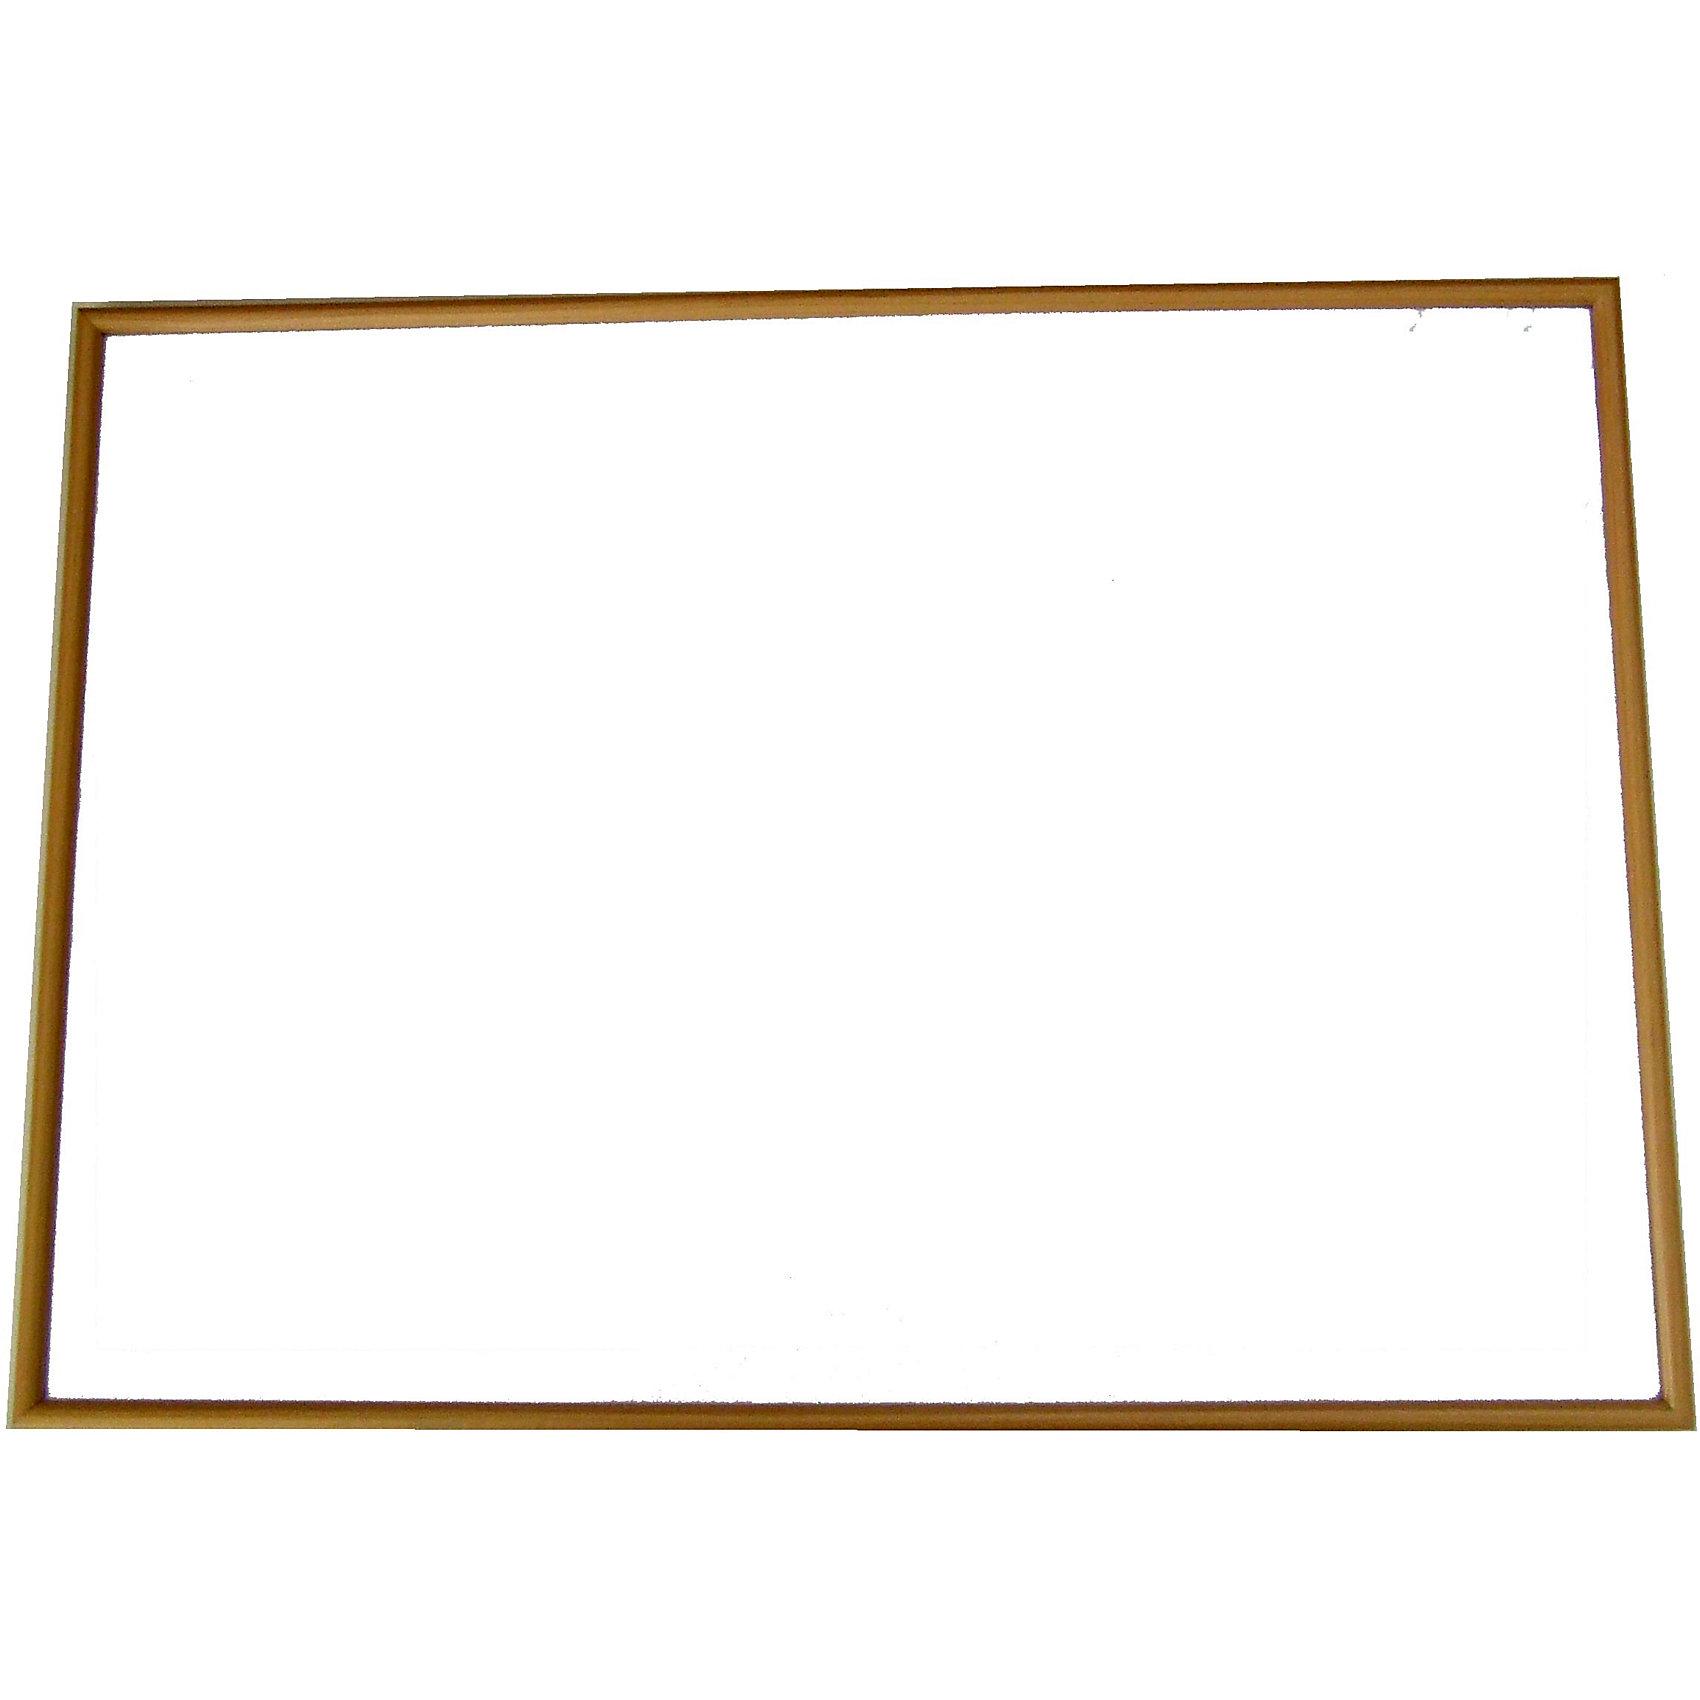 Рамка для пазла 500 деталей, 35х50 см, светло-бежеваяРамка для пазла 500 деталей, 35х50 см, светло-бежевая послужит прекрасным дополнением к собранному пазлу и станет эксклюзивным подарком для каждого любителя пазлов! <br><br>Дополнительная информация:<br>-Размер пазла: 35х50 см (500 деталей)<br>-Цвет рамы: светло-бежевый<br>-Материалы: пластик<br>-Ширина профиля: 1 см<br><br>Рамку для пазла 500 деталей, 35х50 см, светло-бежевая можно купить в нашем магазине.<br><br>Ширина мм: 350<br>Глубина мм: 500<br>Высота мм: 20<br>Вес г: 300<br>Возраст от месяцев: 72<br>Возраст до месяцев: 192<br>Пол: Унисекс<br>Возраст: Детский<br>SKU: 4900311